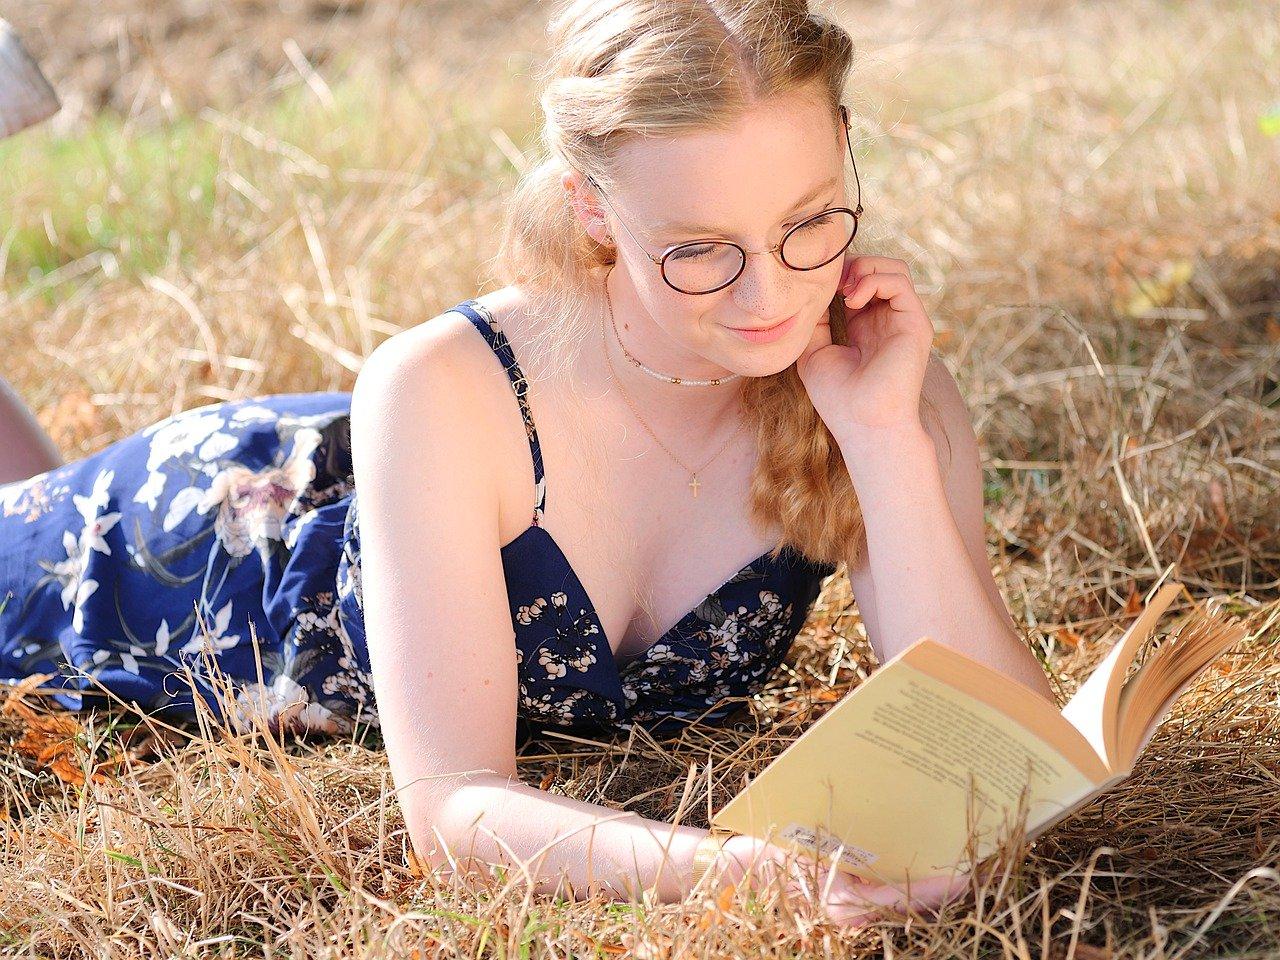 Comment faire aimer la lecture aux adolescents ?